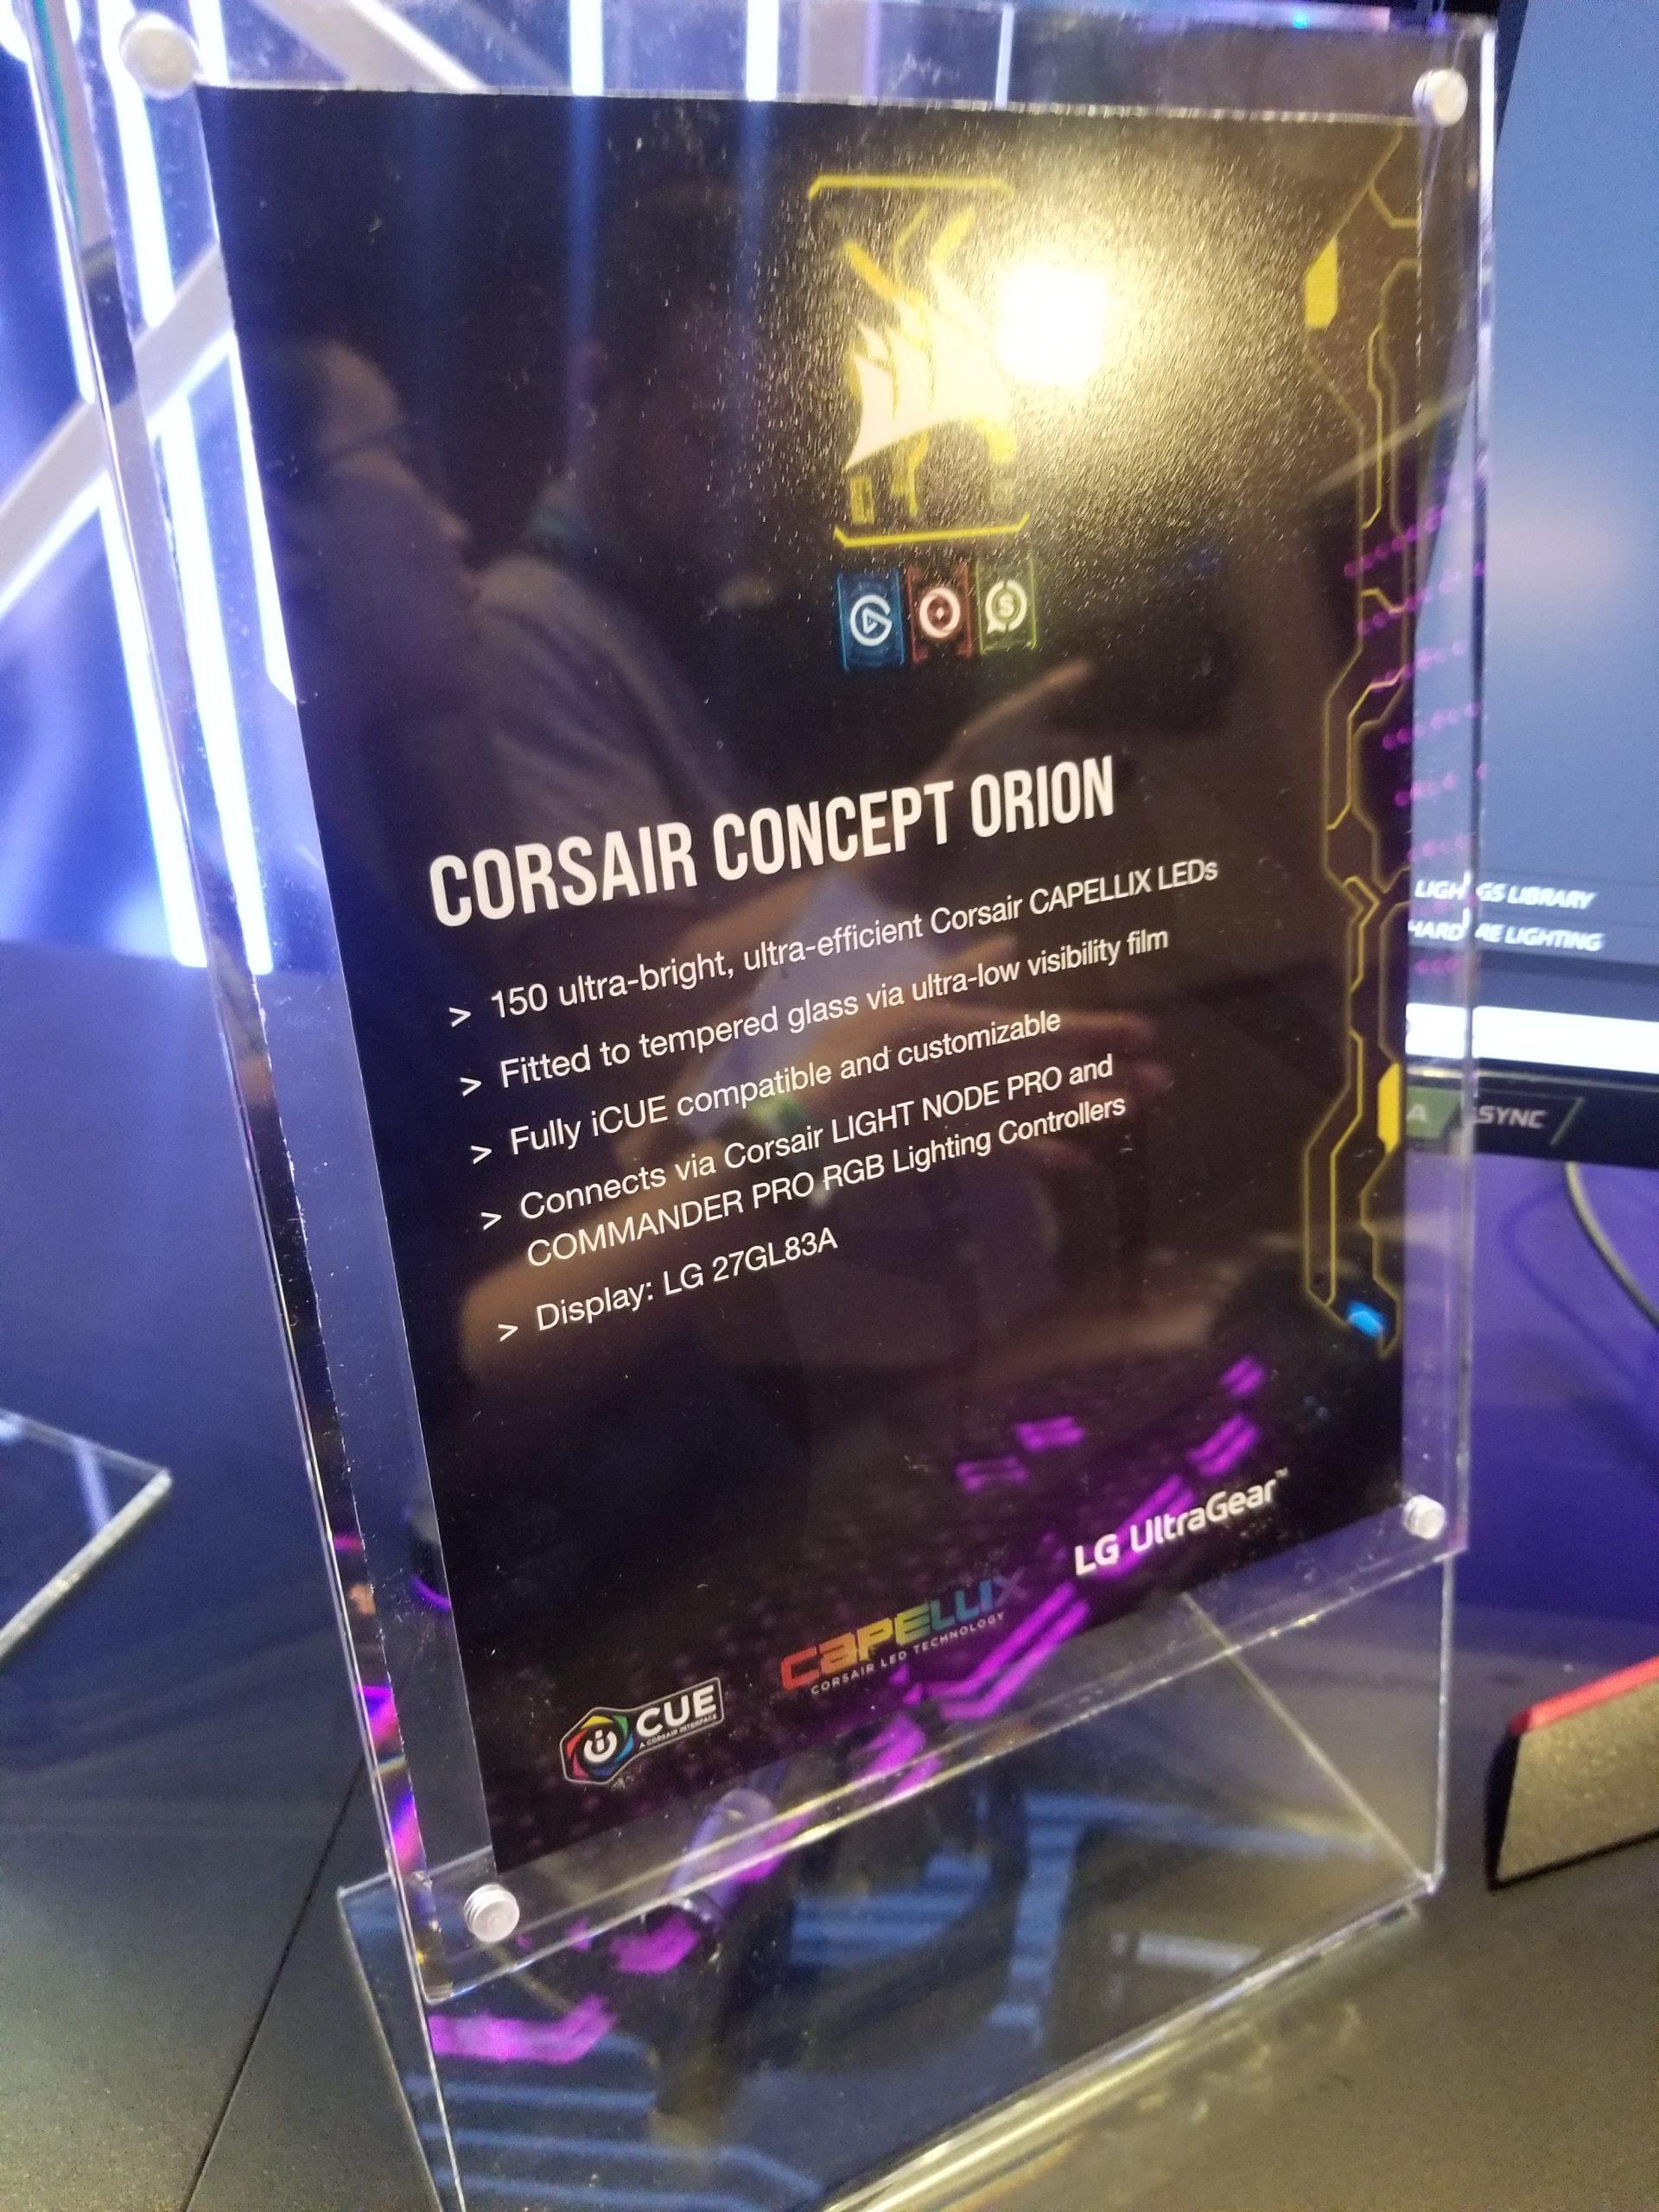 Corsair Concept Orion